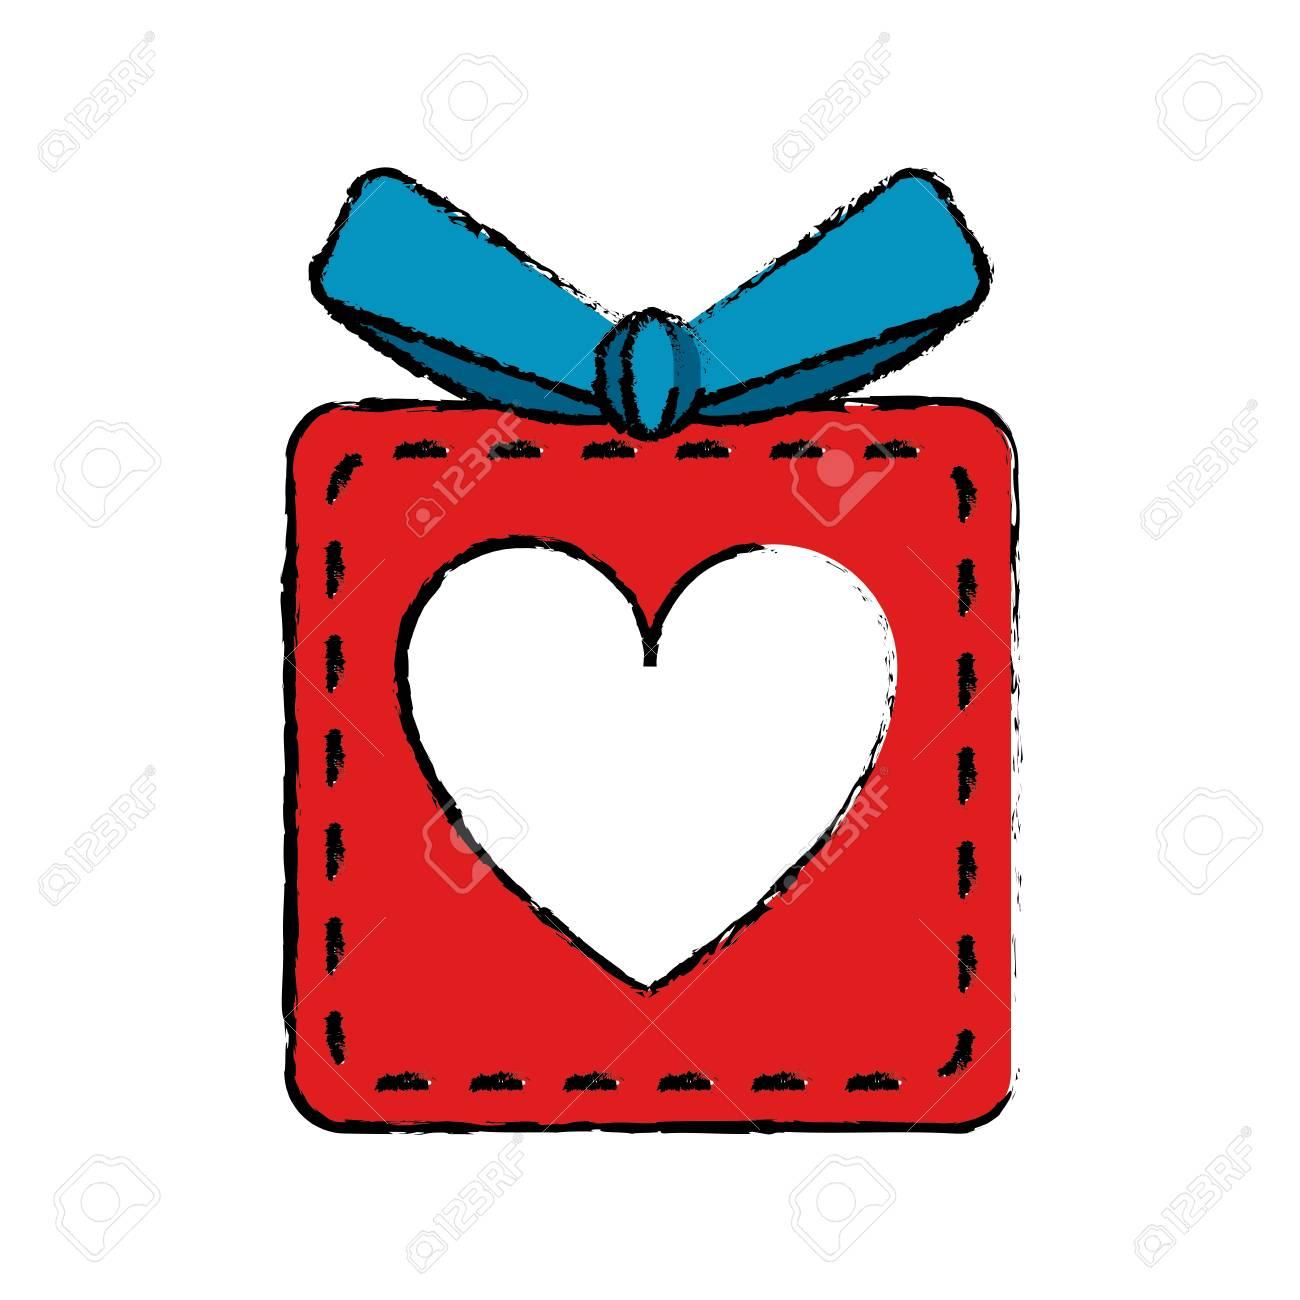 Dibujo Caja De Regalo Roja Corazón Amor Presente Ilustración